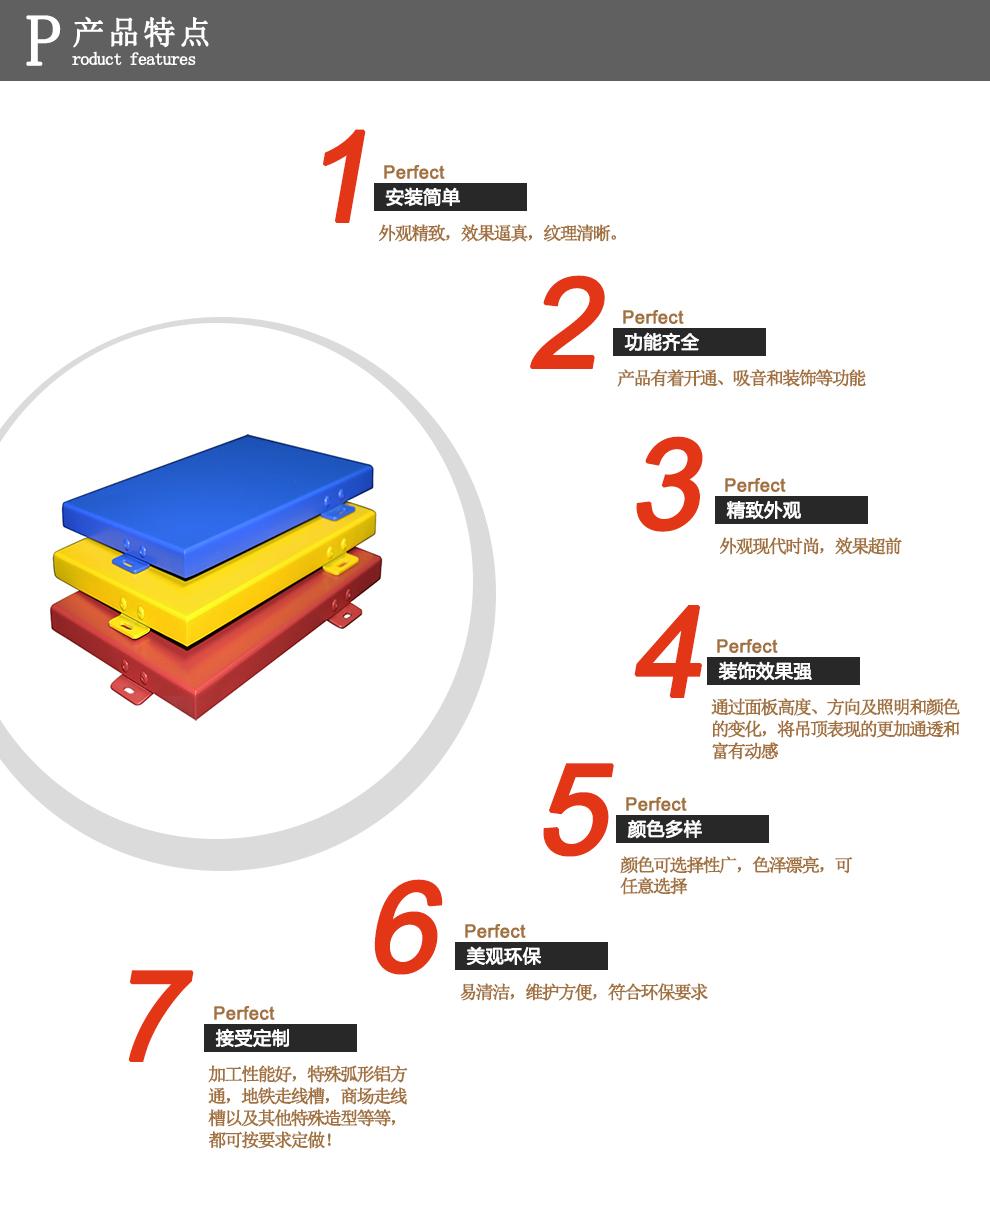 3產品特點鋁單板.jpg